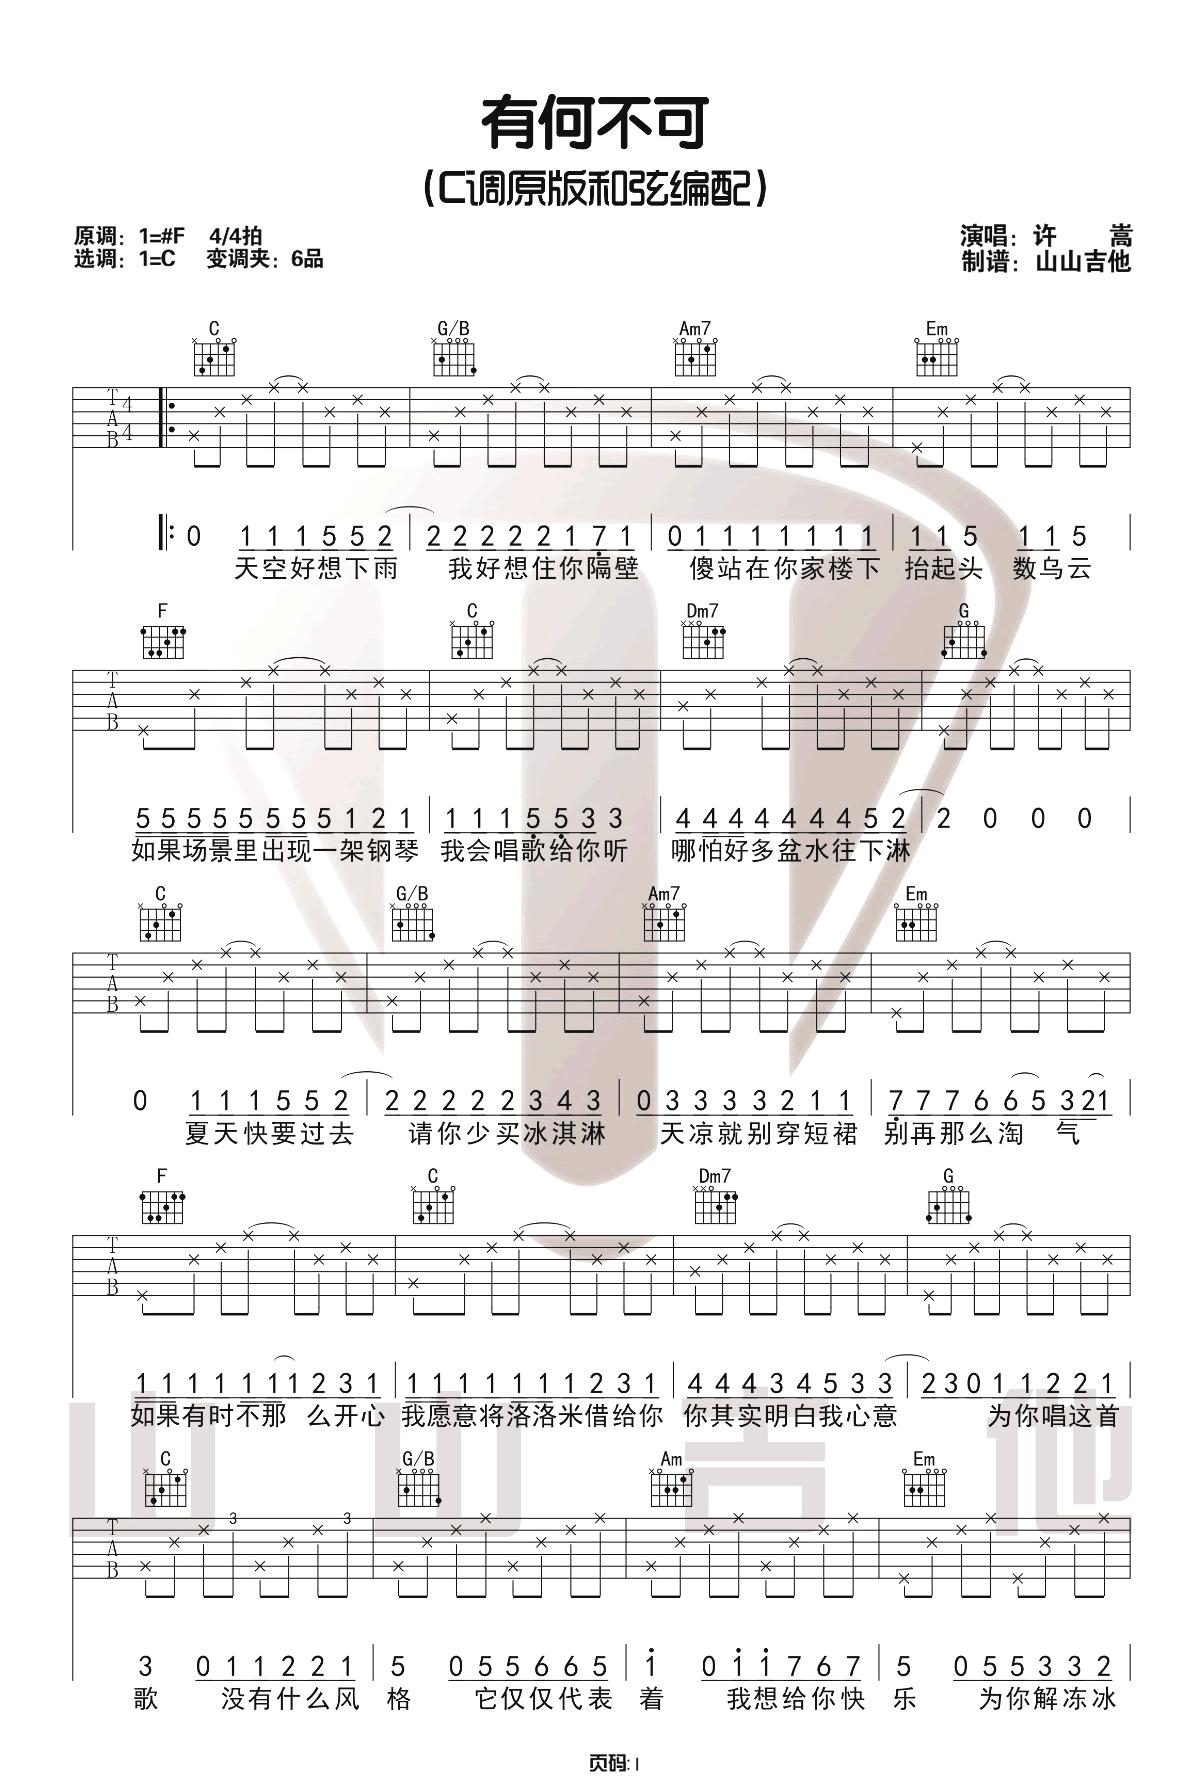 《有何不可》吉他谱_许嵩_C调原版吉他弹唱六线谱_高清图片谱1